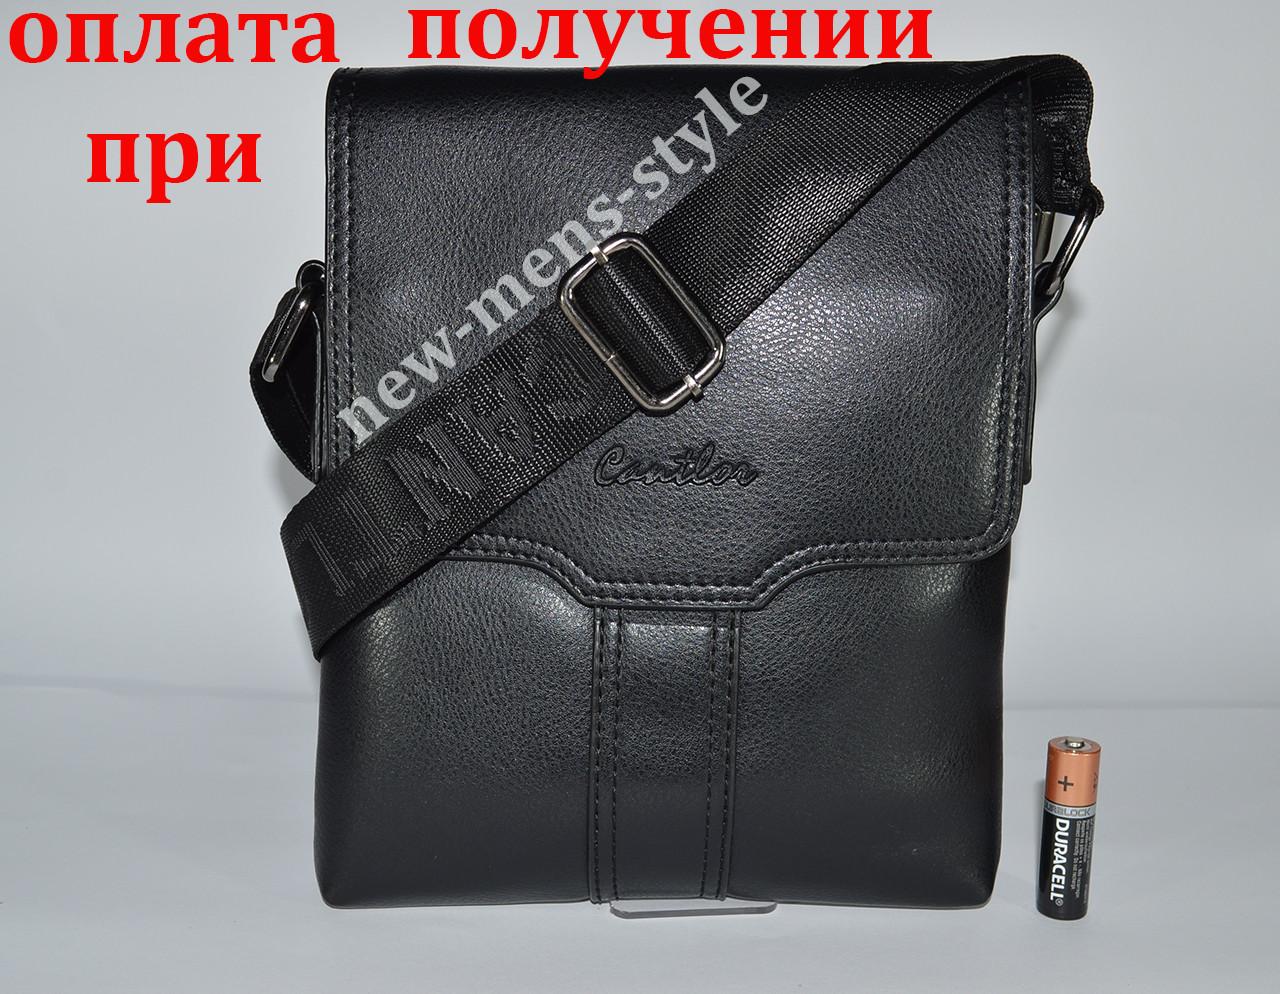 Чоловіча шкіряна фірмова сумка барсетка Cantlor класика планшетка